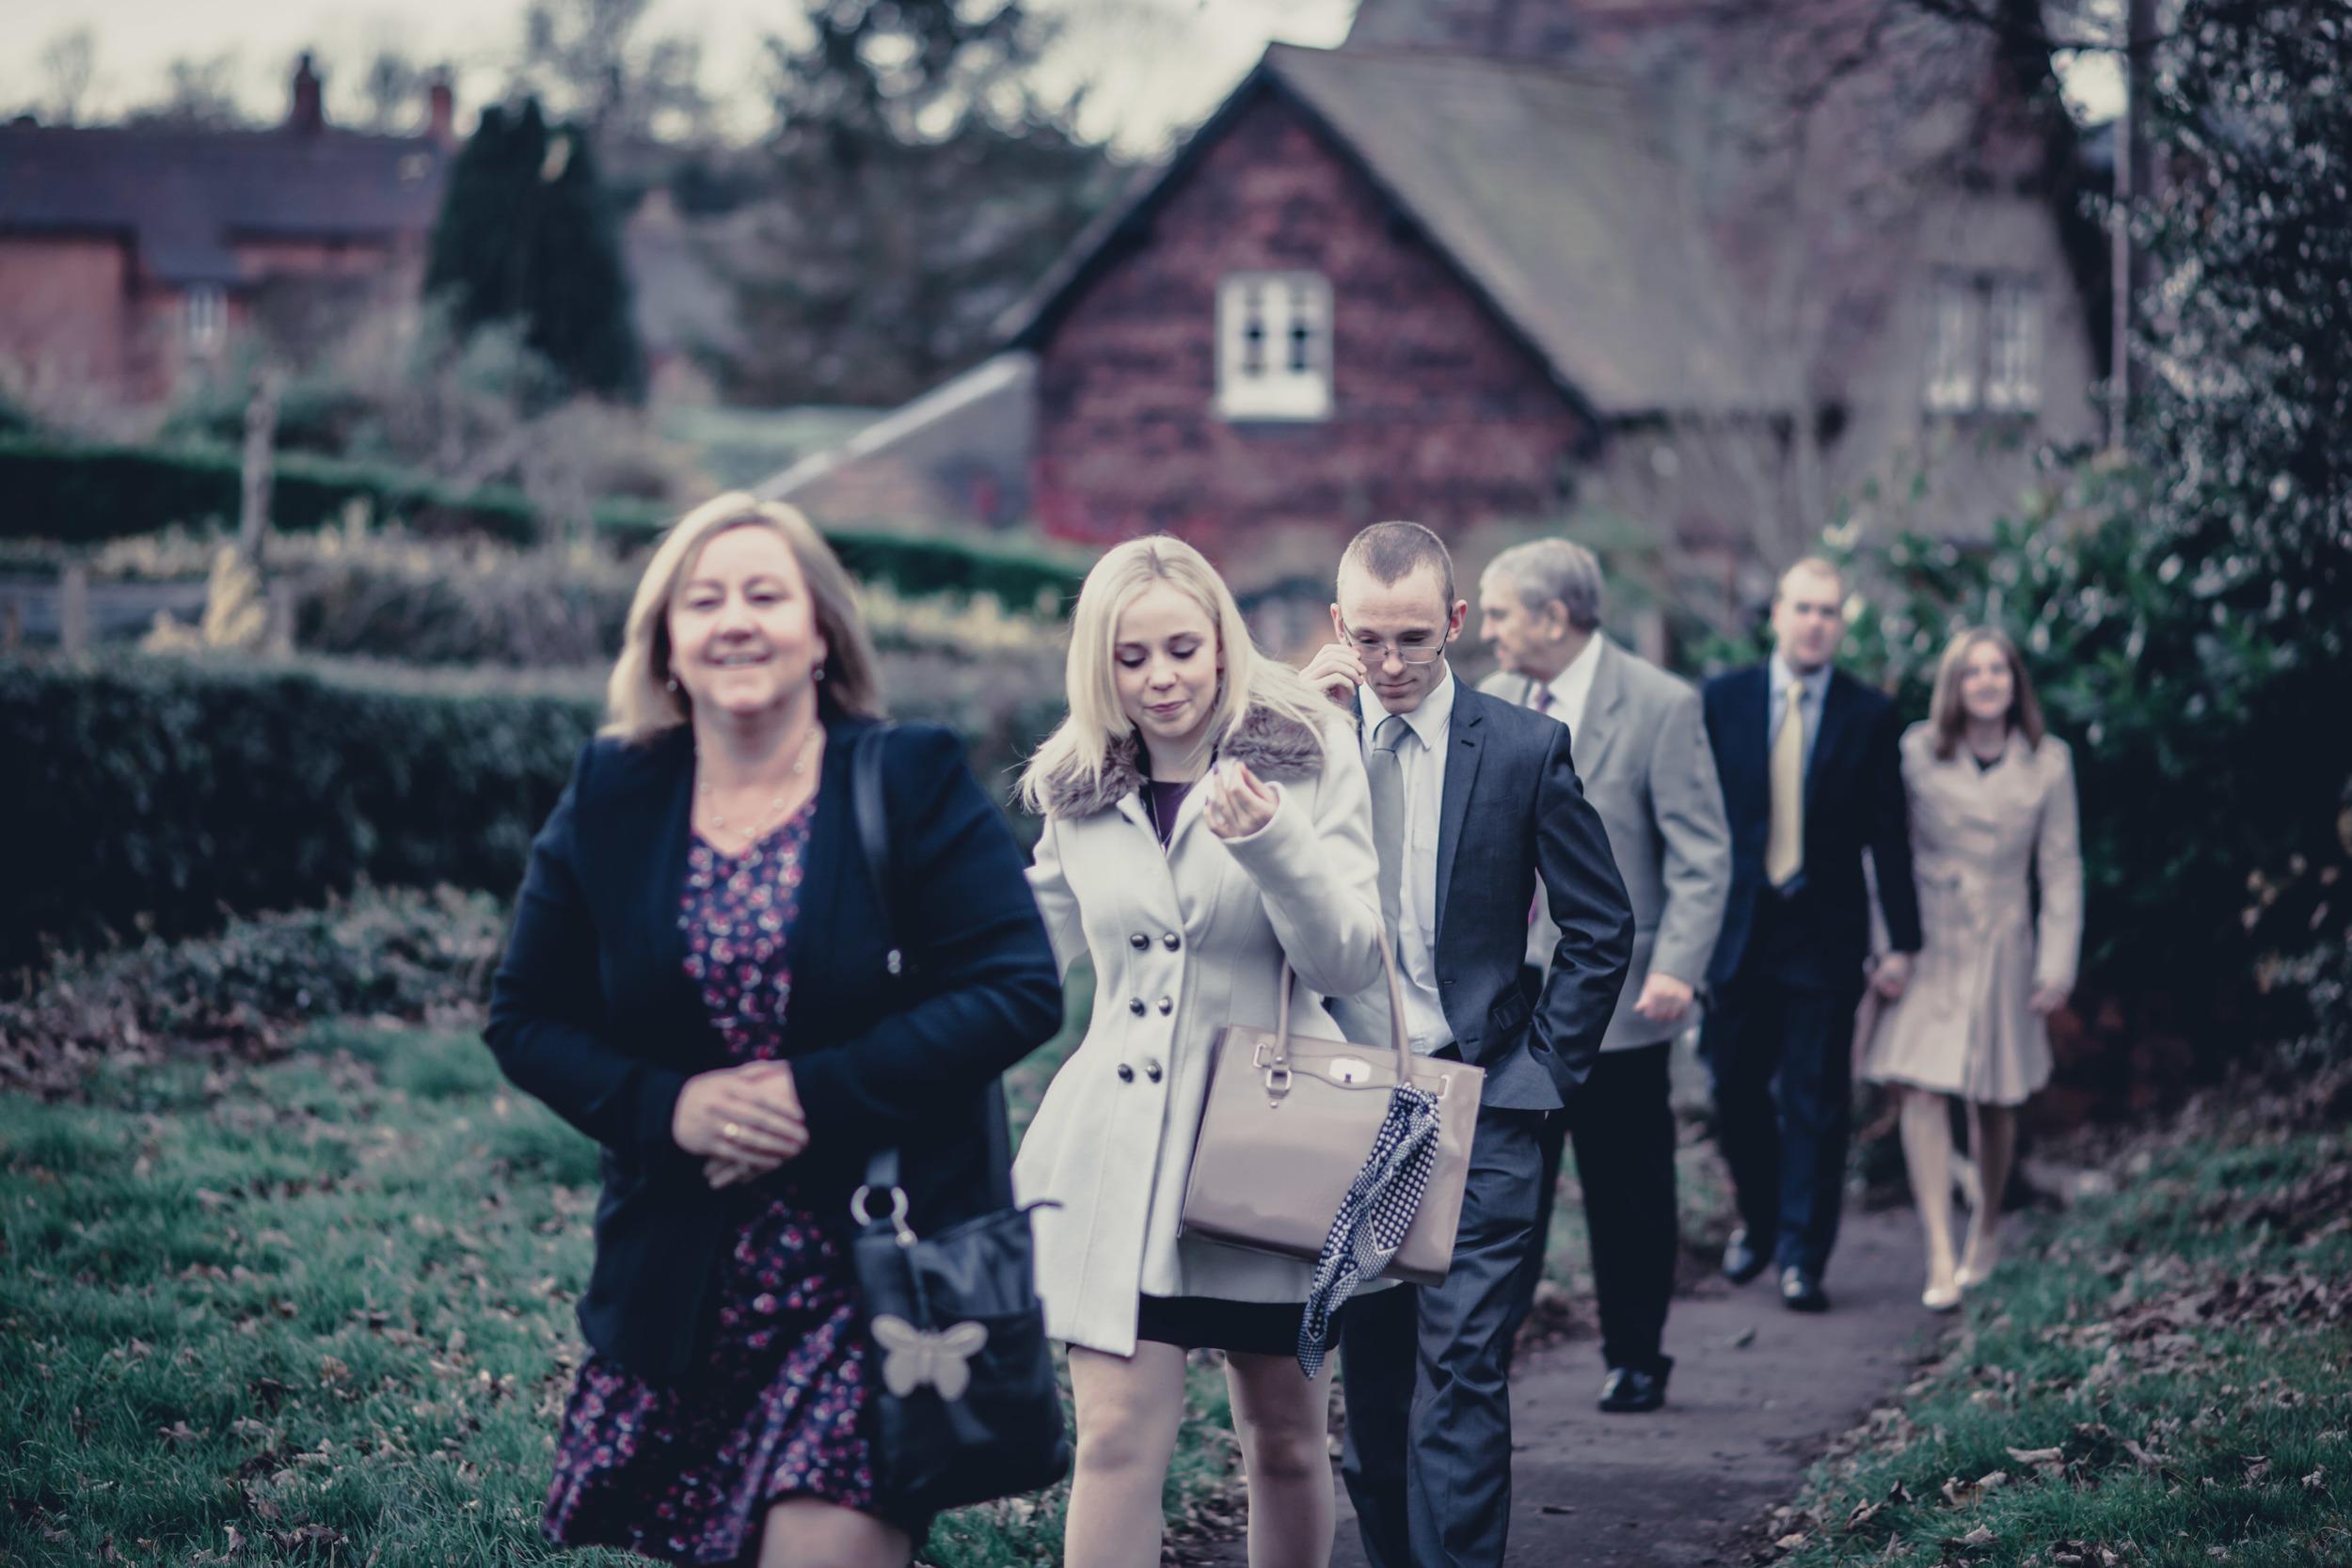 022 - Angela and Karls Wedding by www.markpugh.com -5712.jpg